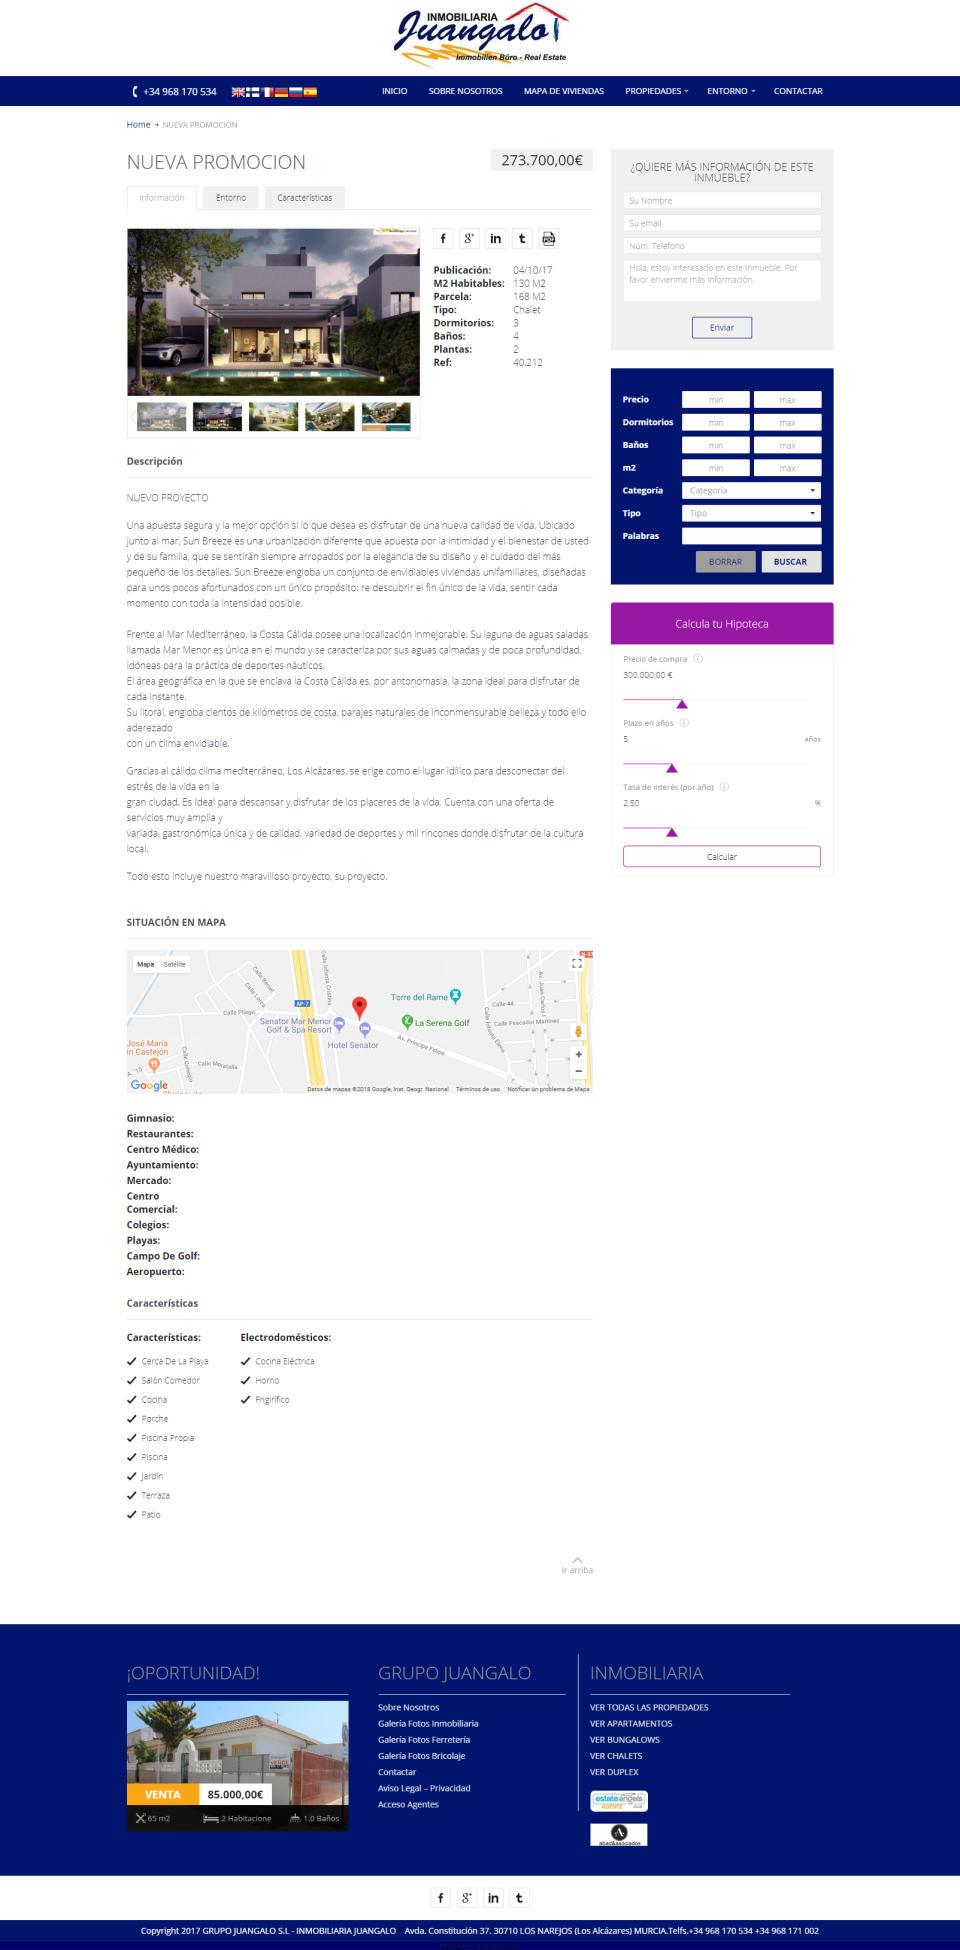 juangalo.com